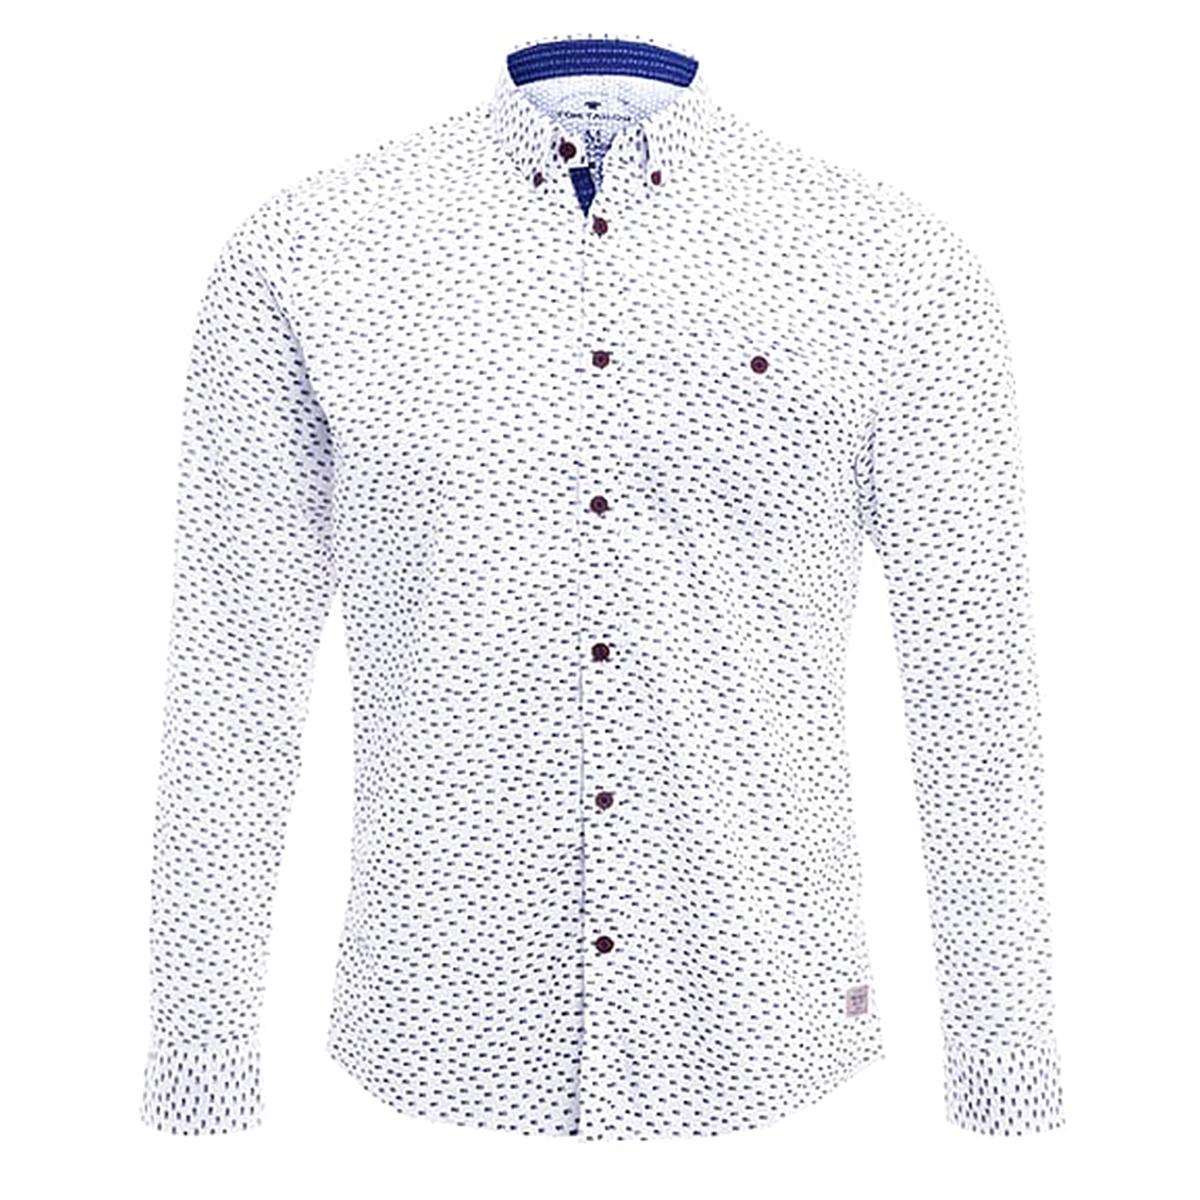 Рубашка стандартного покроя с рисункомРубашка с длинными рукавами SUPERDRY. Рисунок флаг. Стандартный (прямой) покрой. Воротник с уголками на пуговицах. Манжеты с застежкой на пуговицы. Закругленный низ. Состав и описаниеМатериал          100% хлопокМарка          SUPERDRYУходМашинная стирка при 30 °C с вещами схожих цветовСтирать и гладить с изнаночной стороныМашинная сушка запрещенаГладить при низкой температуре<br><br>Цвет: белый<br>Размер: S.L.M